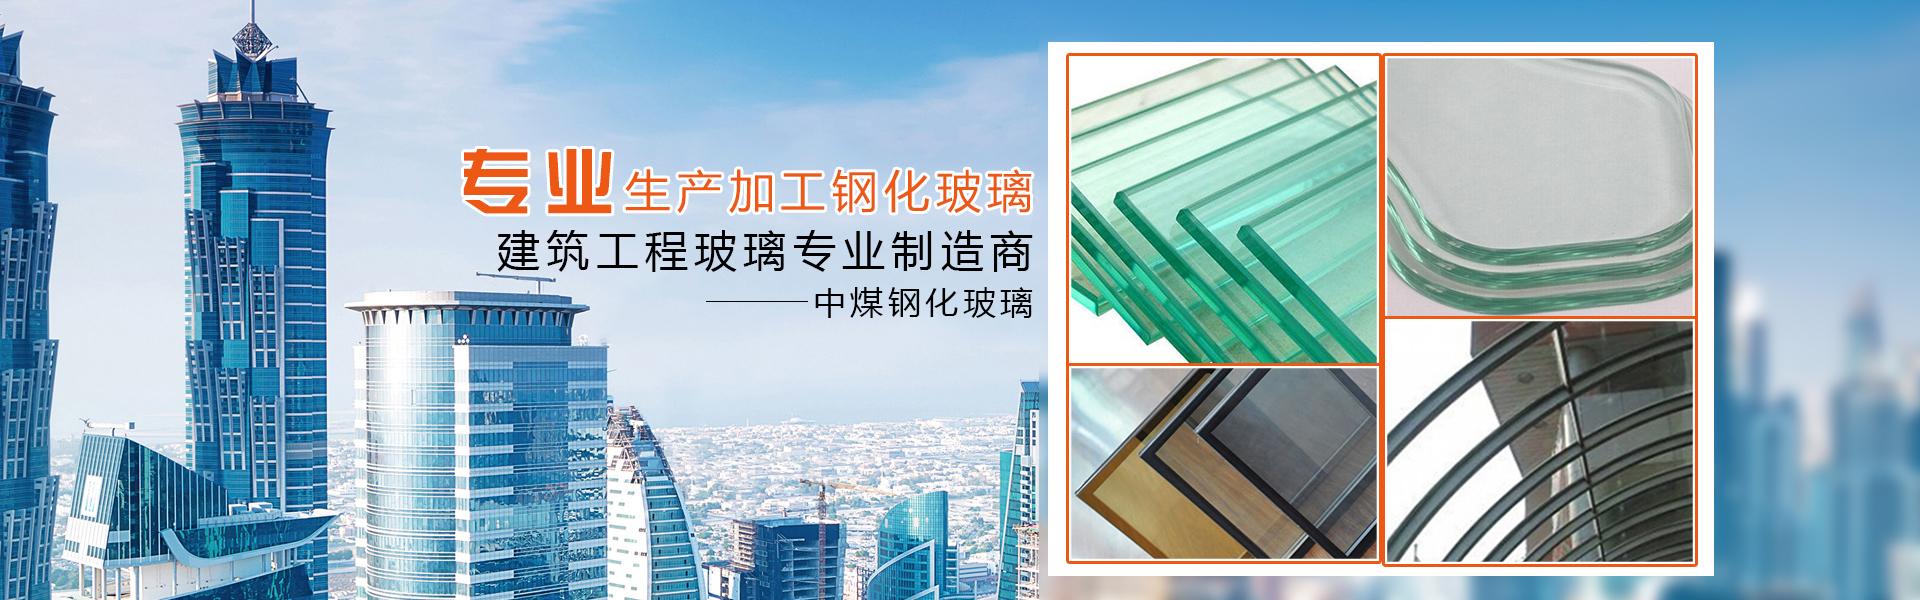 山东钢化玻璃厂家